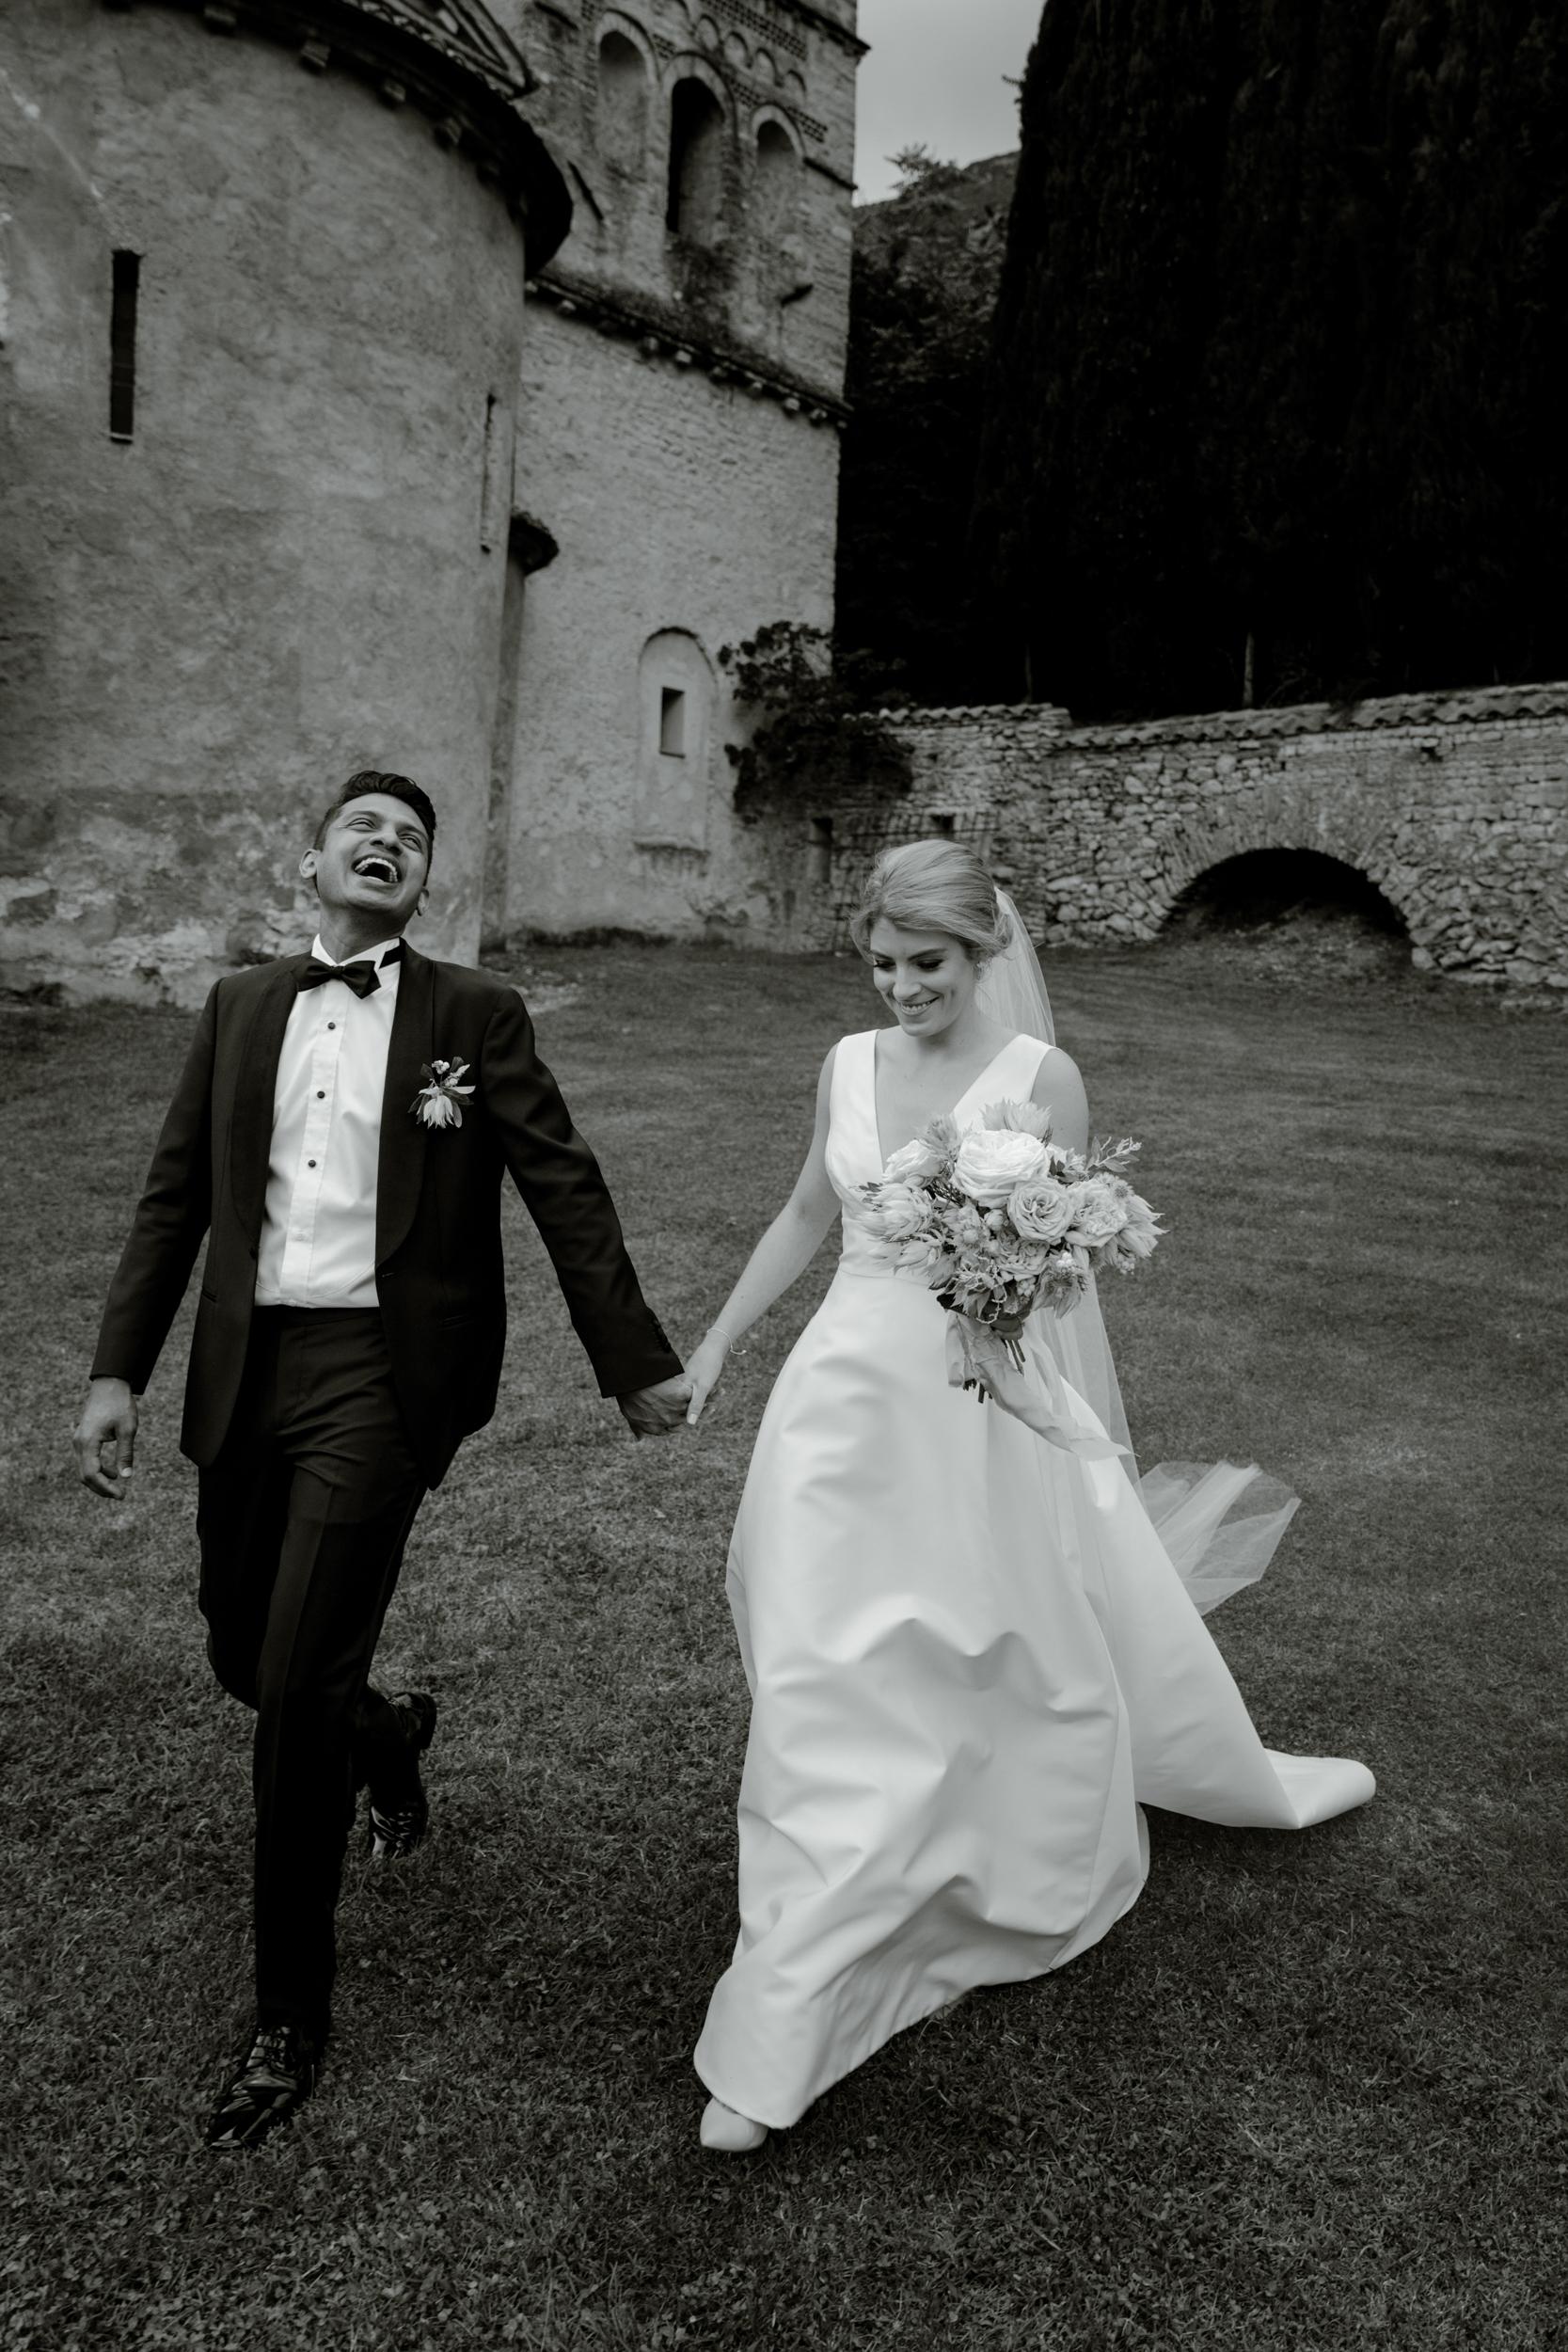 01_bride-groom-getting-married-italy.jpg